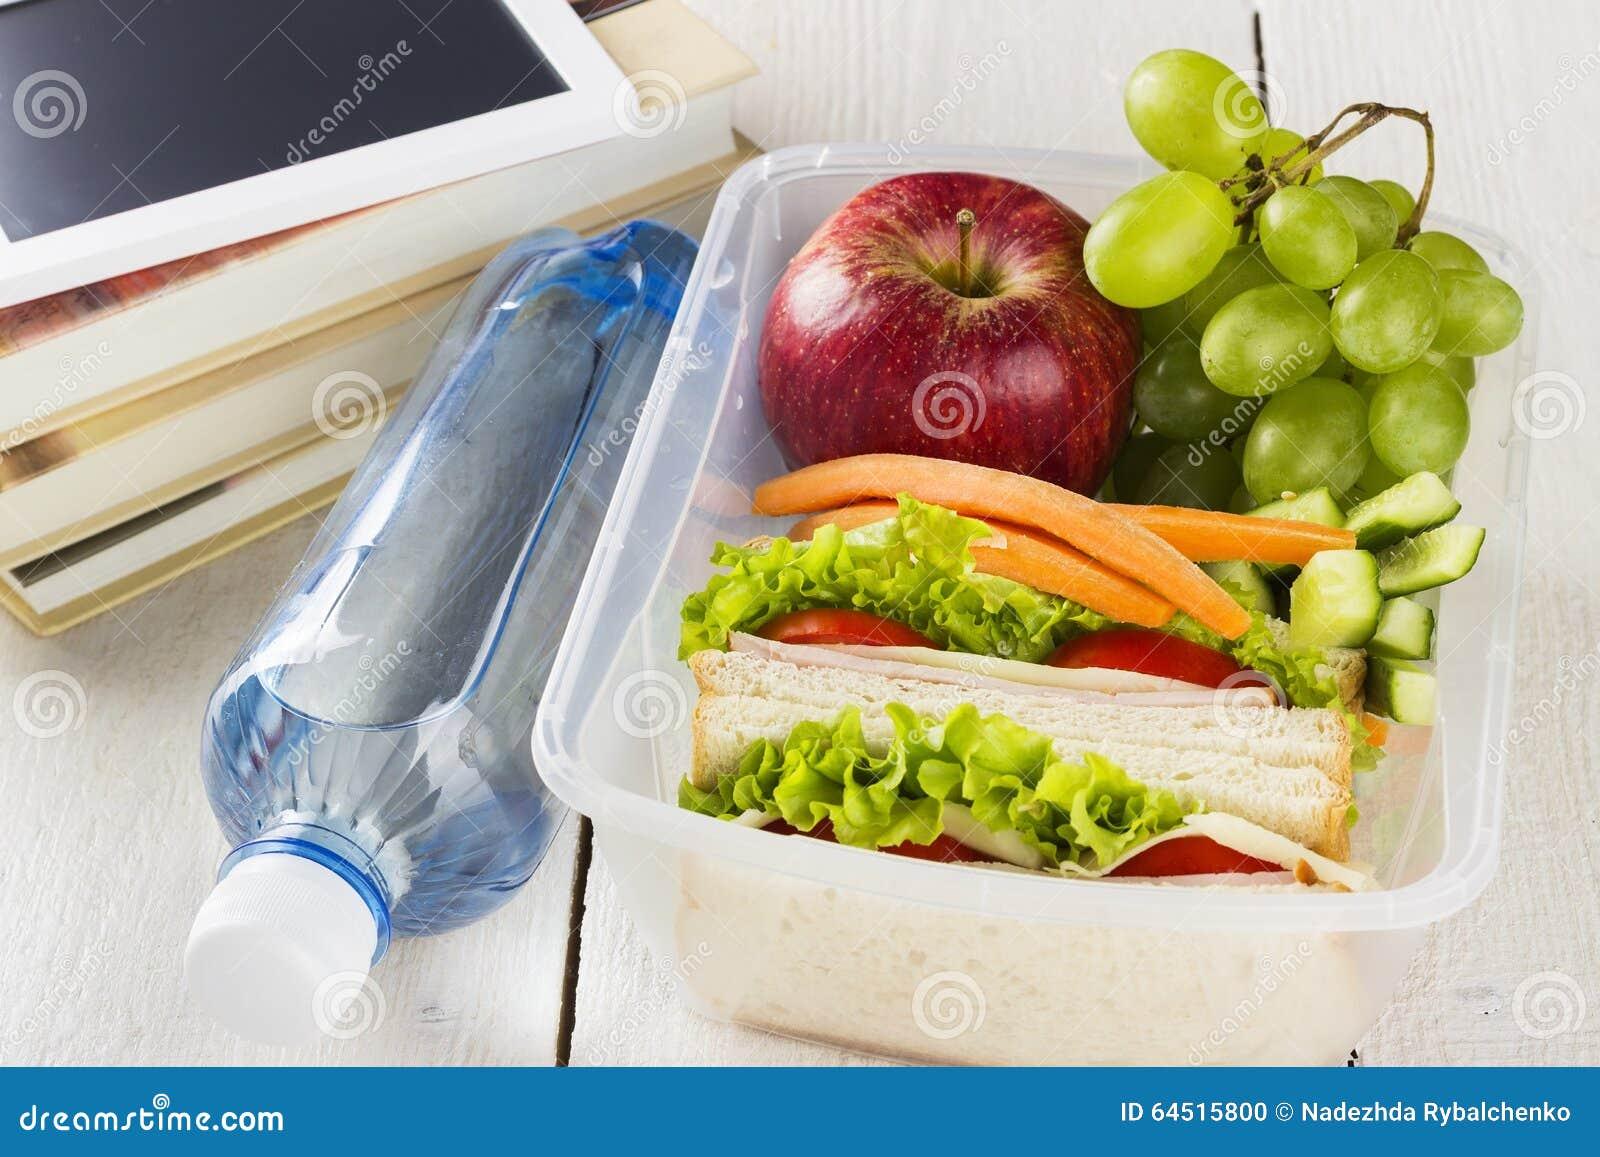 panier repas avec le sandwich les l gumes et le fruit la bouteille de l 39 eau et la protection. Black Bedroom Furniture Sets. Home Design Ideas